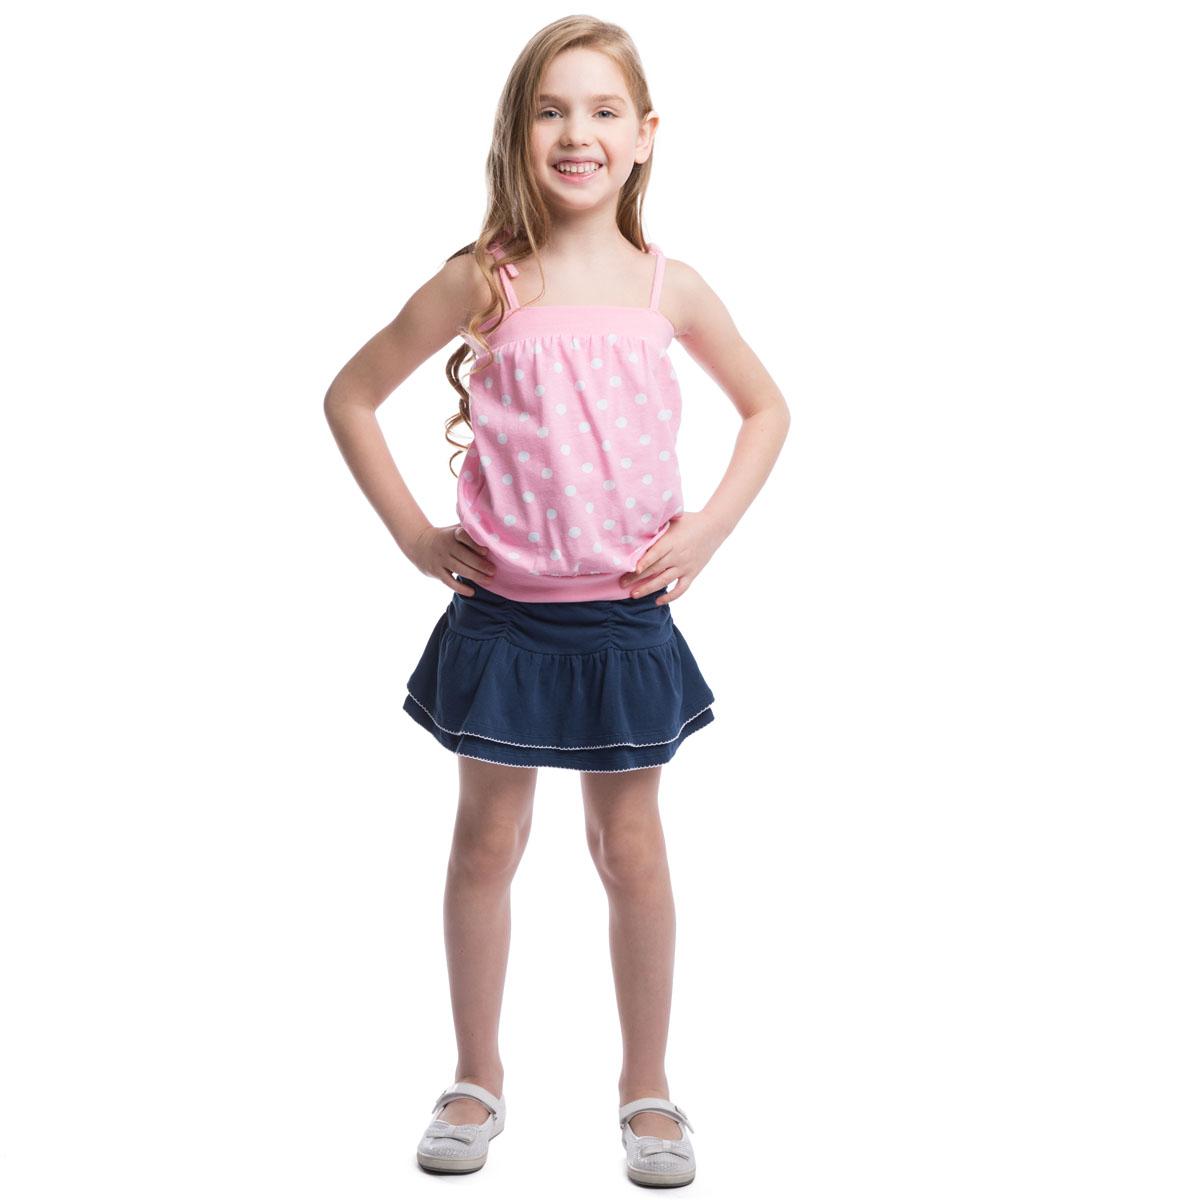 Топ для девочки. 262017262017Стильный топ для девочки PlayToday идеально подойдет вашей моднице и станет прекрасным вариантом для жаркого летнего дня. Изготовленный из эластичного хлопка, он мягкий и приятный на ощупь, не сковывает движения и позволяет коже дышать, не раздражает даже самую нежную и чувствительную кожу ребенка, обеспечивая наибольший комфорт. Топ на тонких бретелях-завязках оформлен принтом в горох. Верх и низ изделия дополнены широкими эластичными резинками. В таком топе ваша принцесса будет чувствовать себя уютно и комфортно и всегда будет в центре внимания!